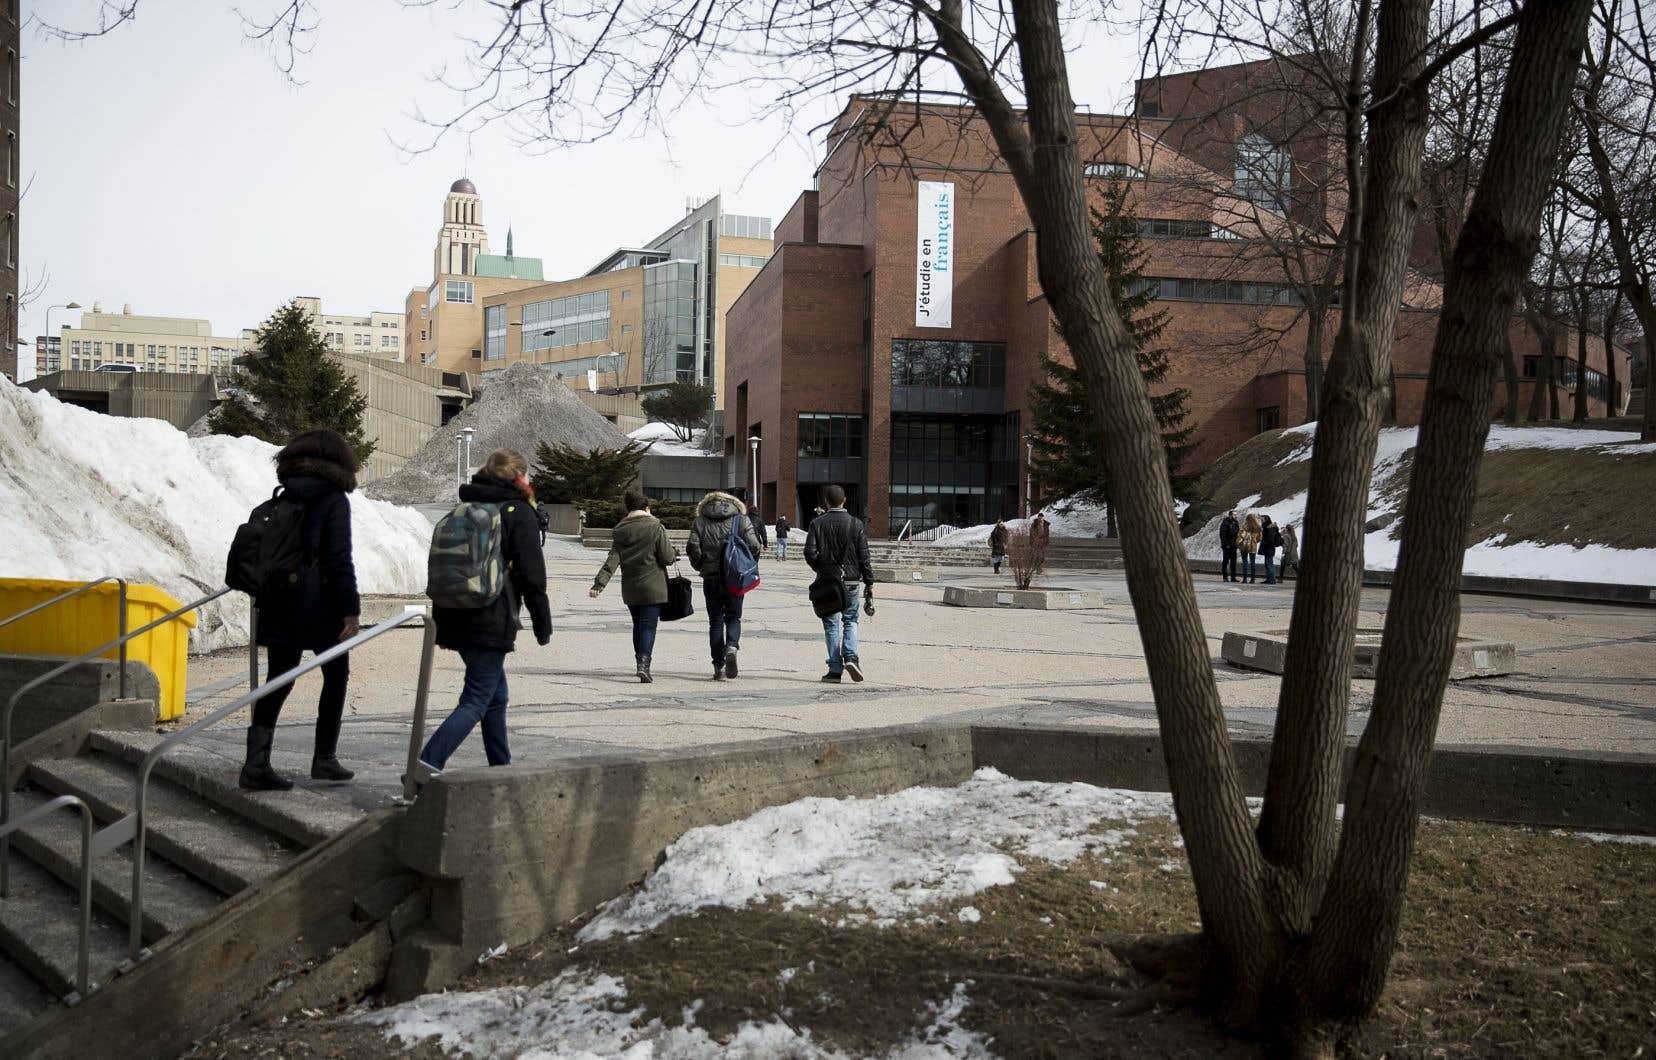 L'Université de Montréal se targue d'être «la plus grande université de langue française en Amérique du Nord», mais l'auteur a été estomaqué par la proéminente proportion des lectures en langue anglaise imposée.